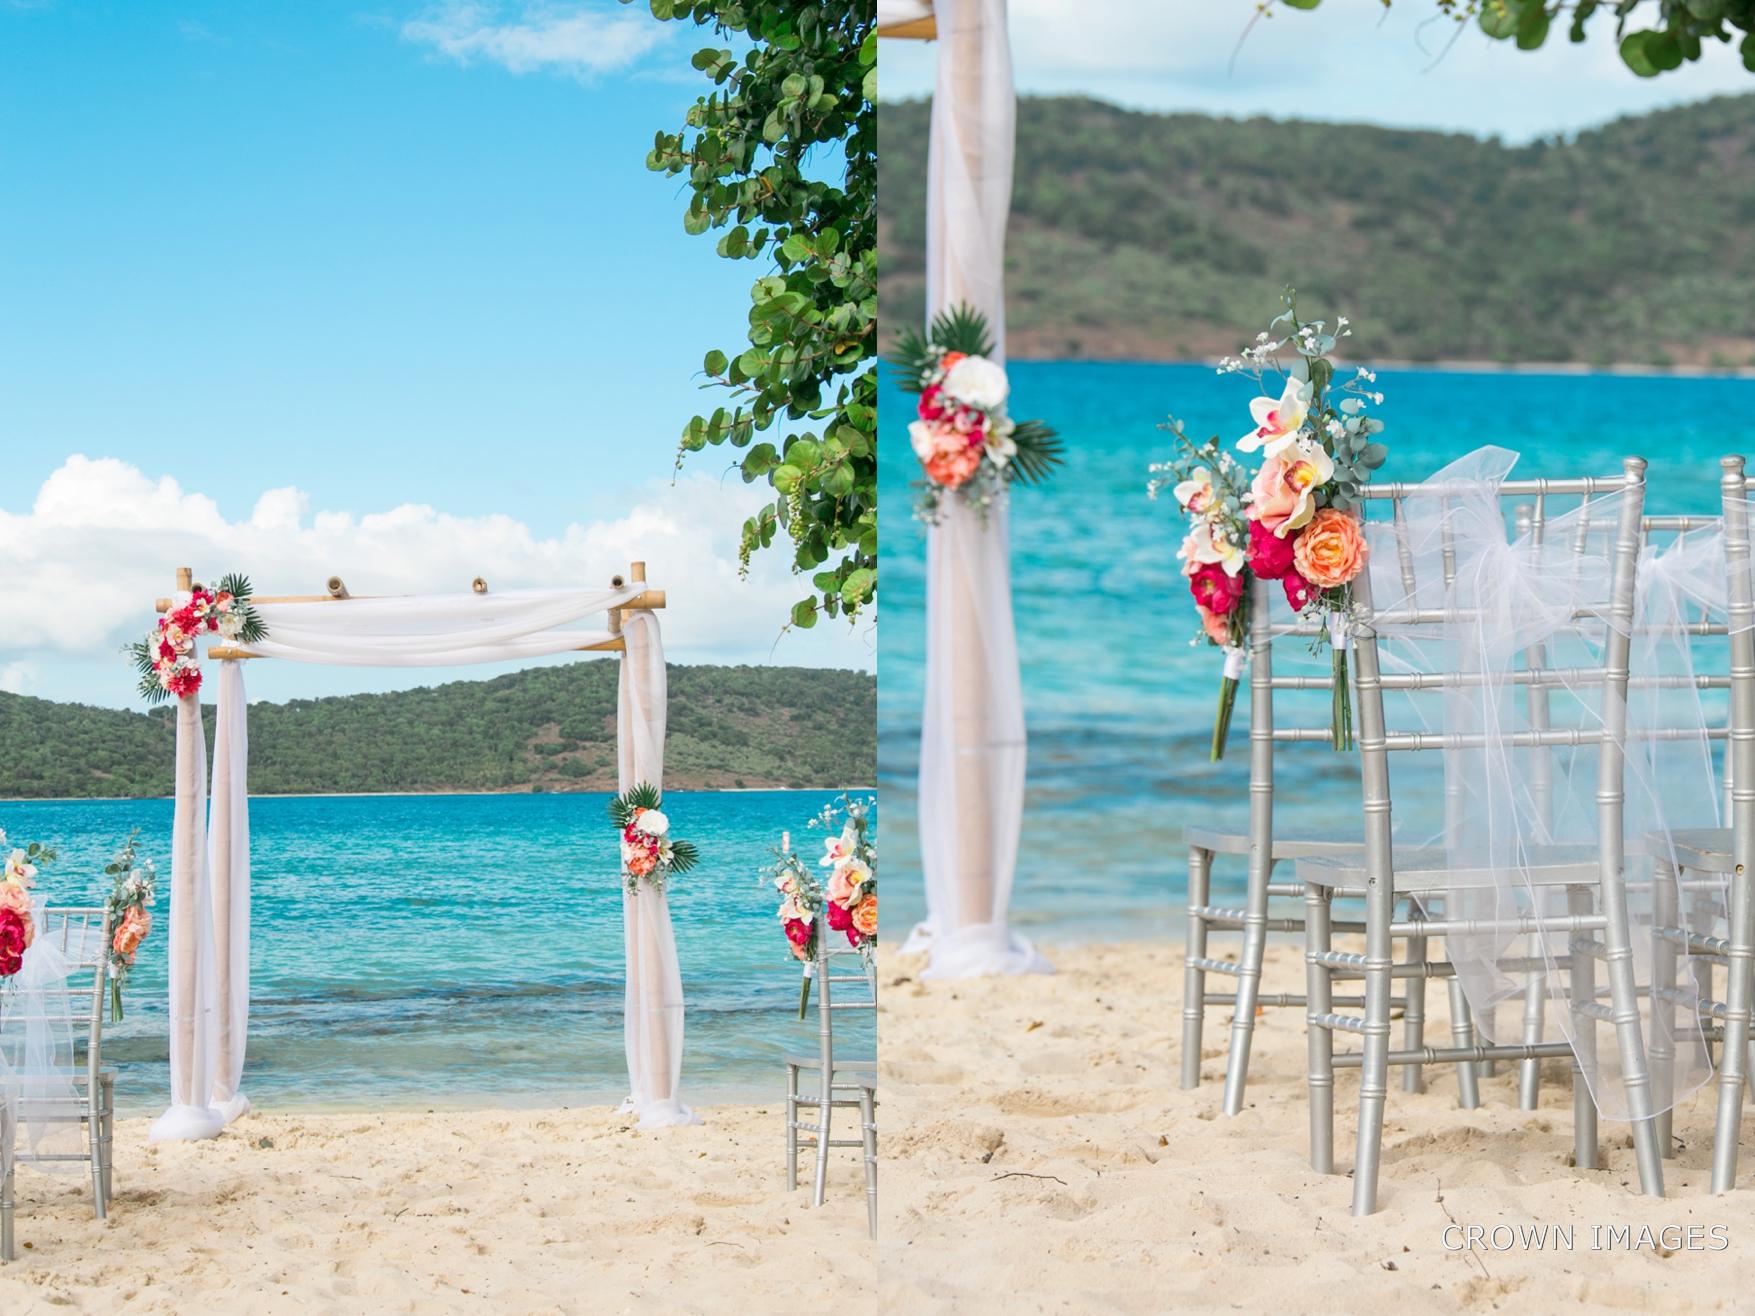 virgin_islands_wedding_photographer_0338.jpg